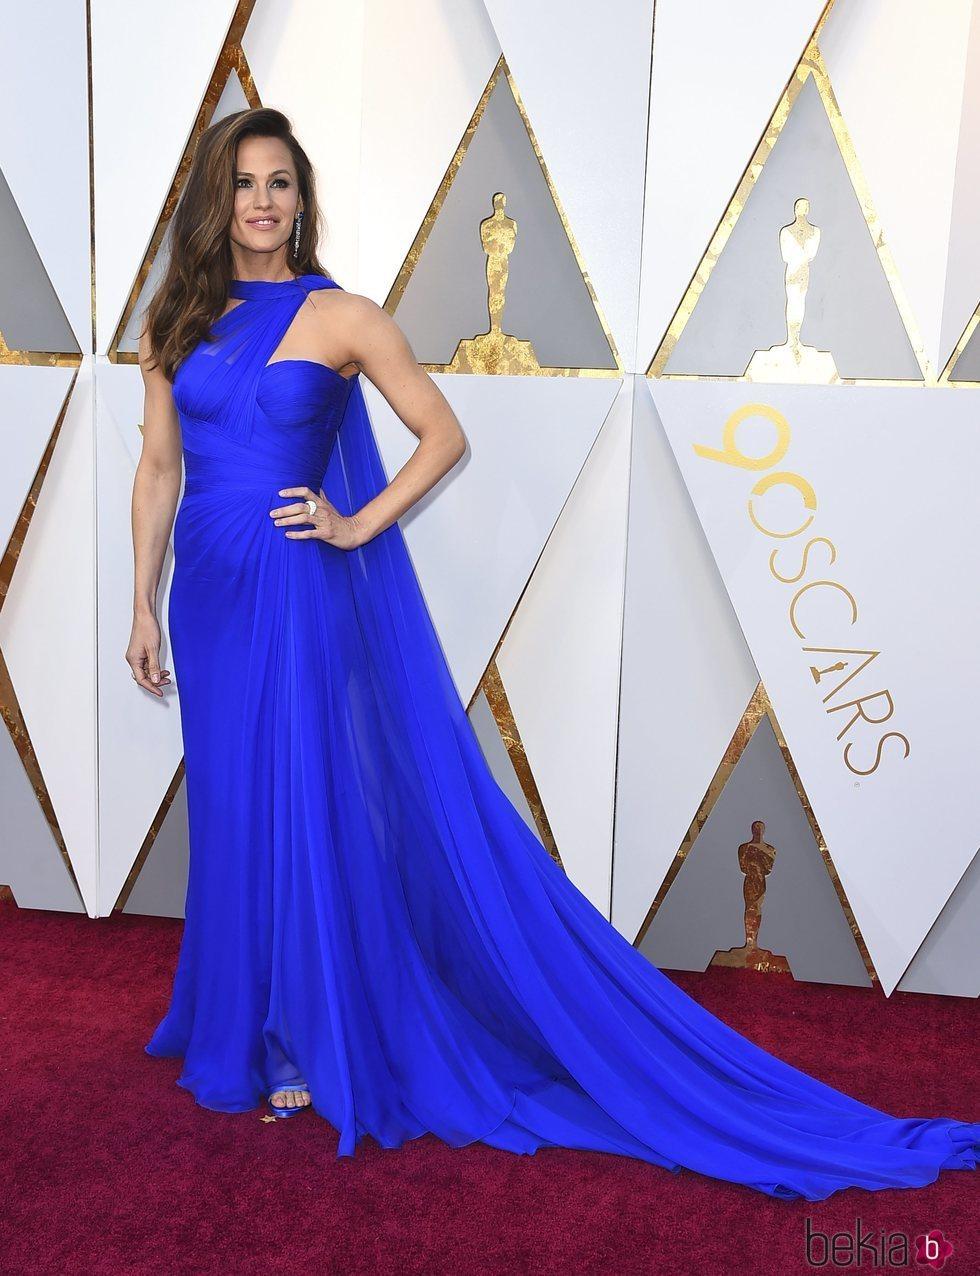 Jennifer Garner en la alfombra roja de los Premios Oscar 2018